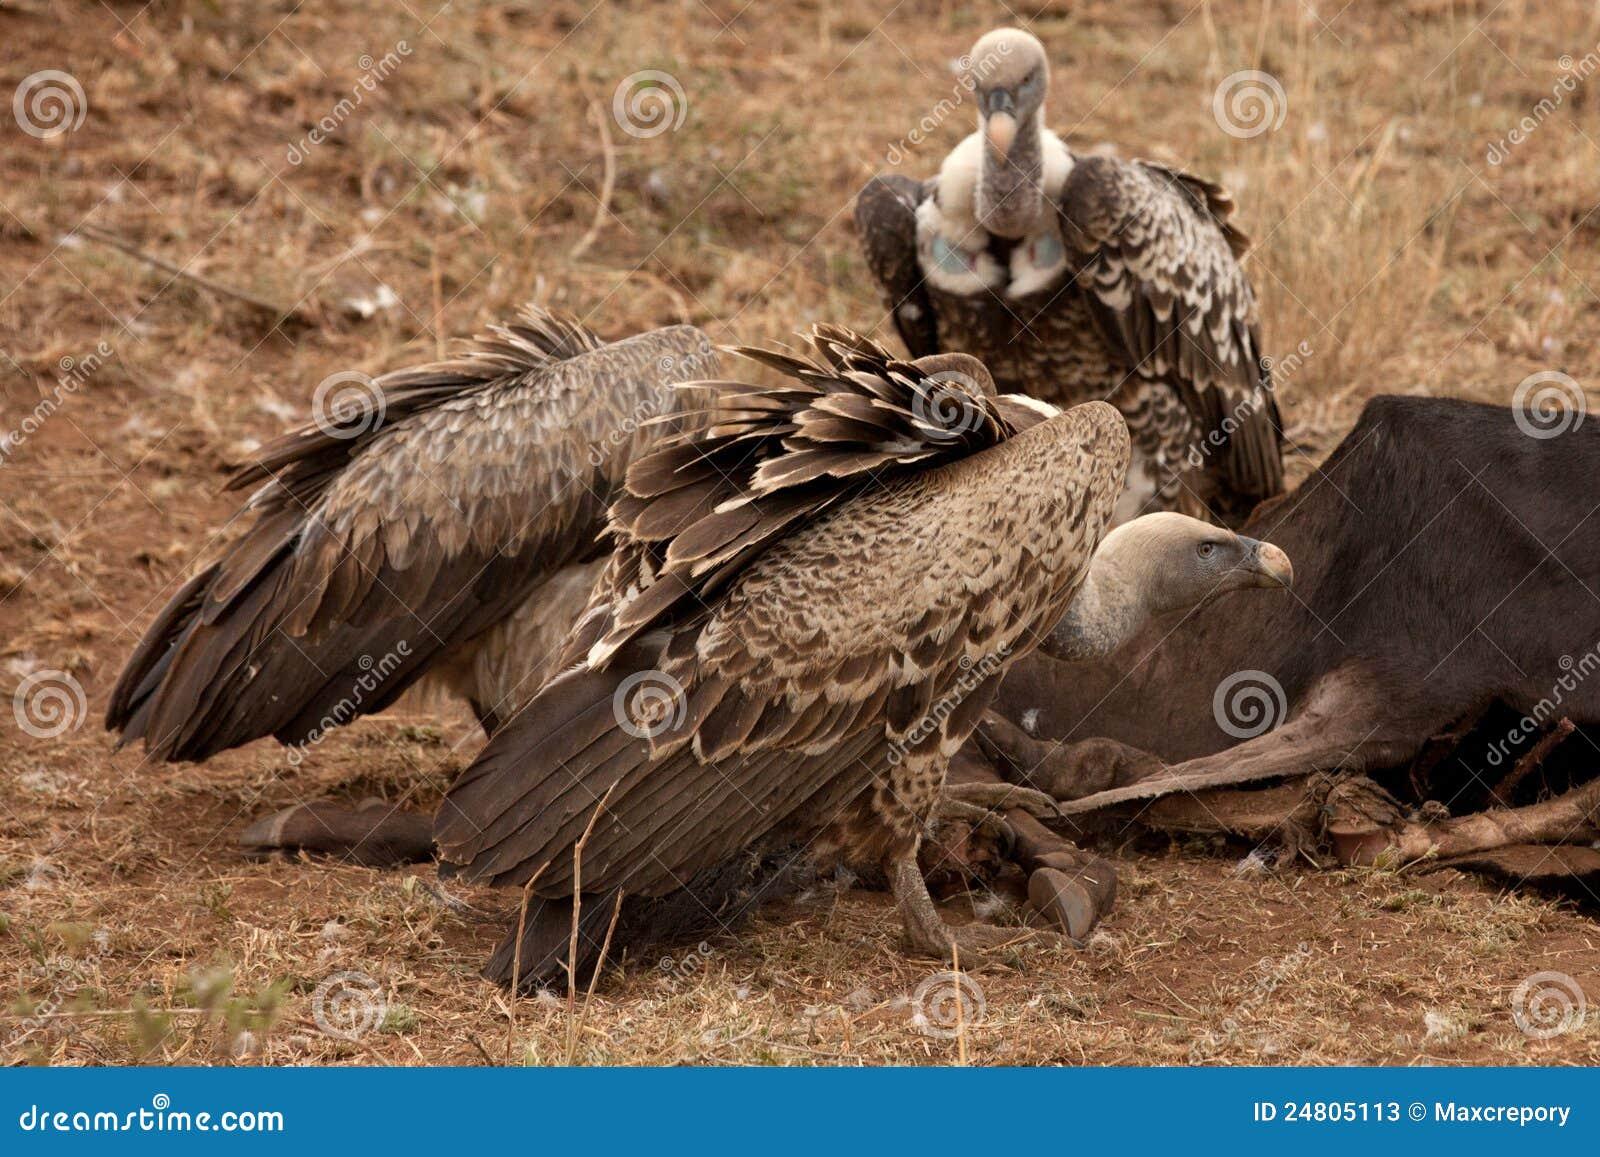 Vultures And Marabou Feedind, Masai Mara, Kenya Royalty ...